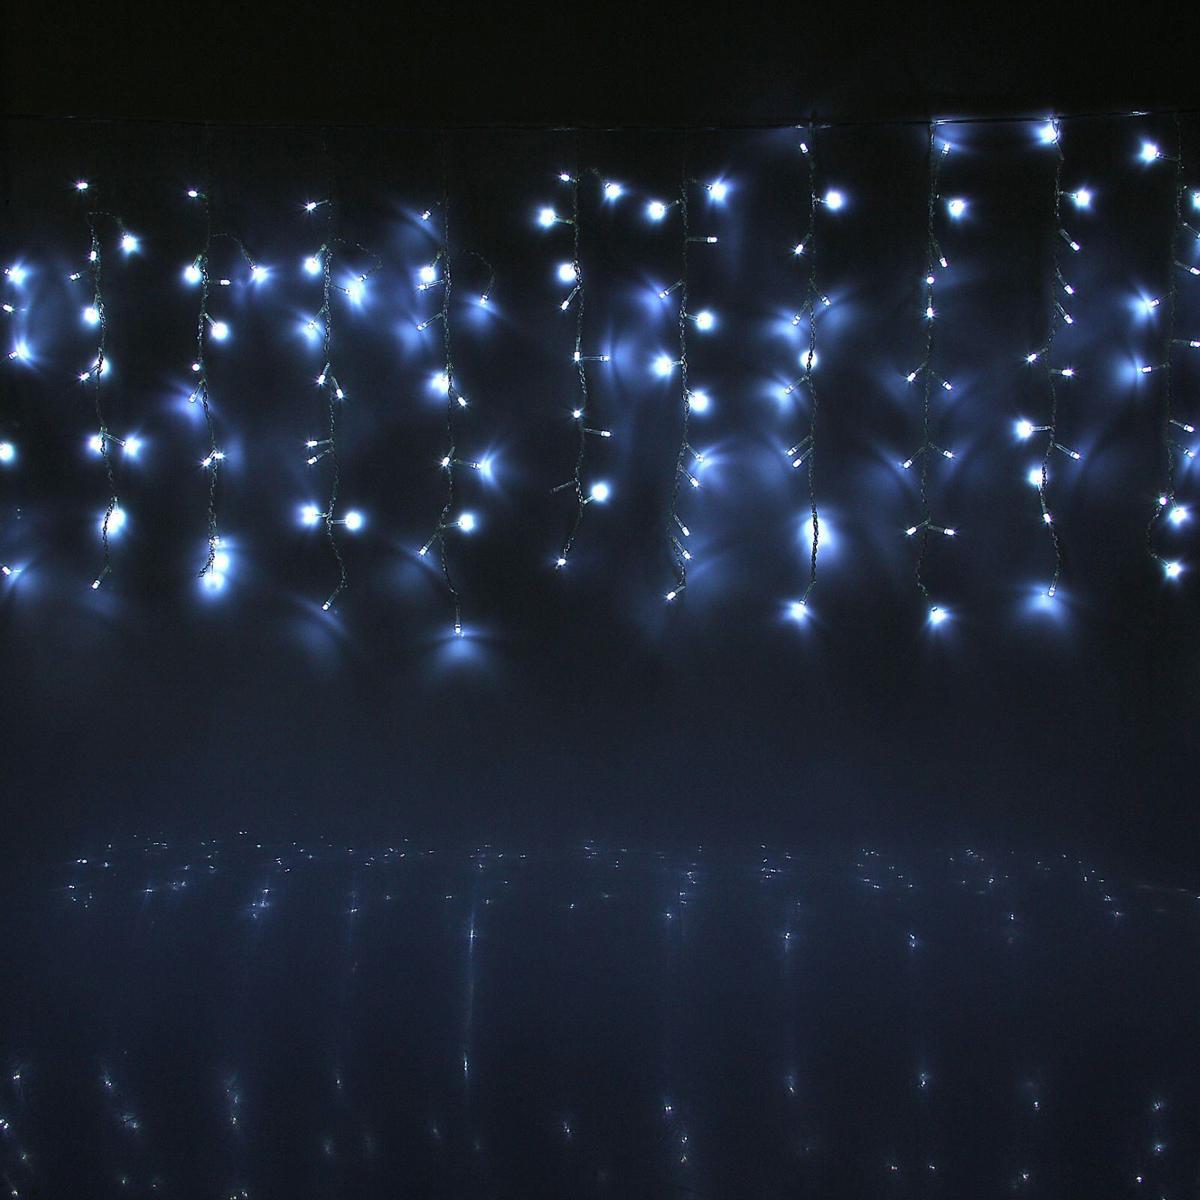 Гирлянда светодиодная Luazon Занавес, цвет: белый, 180 ламп, 8 режимов, 220 V, 1,5 х 1 м. 10804531080453Светодиодные гирлянды и ленты — это отличный вариант для новогоднего оформления интерьера или фасада. С их помощью помещение любого размера можно превратить в праздничный зал, а внешние элементы зданий, украшенные ими, мгновенно станут напоминать очертания сказочного дворца. Такие украшения создают ауру предвкушения чуда. Деревья, фасады, витрины, окна и арки будто специально созданы, чтобы вы украсили их светящимися нитями.